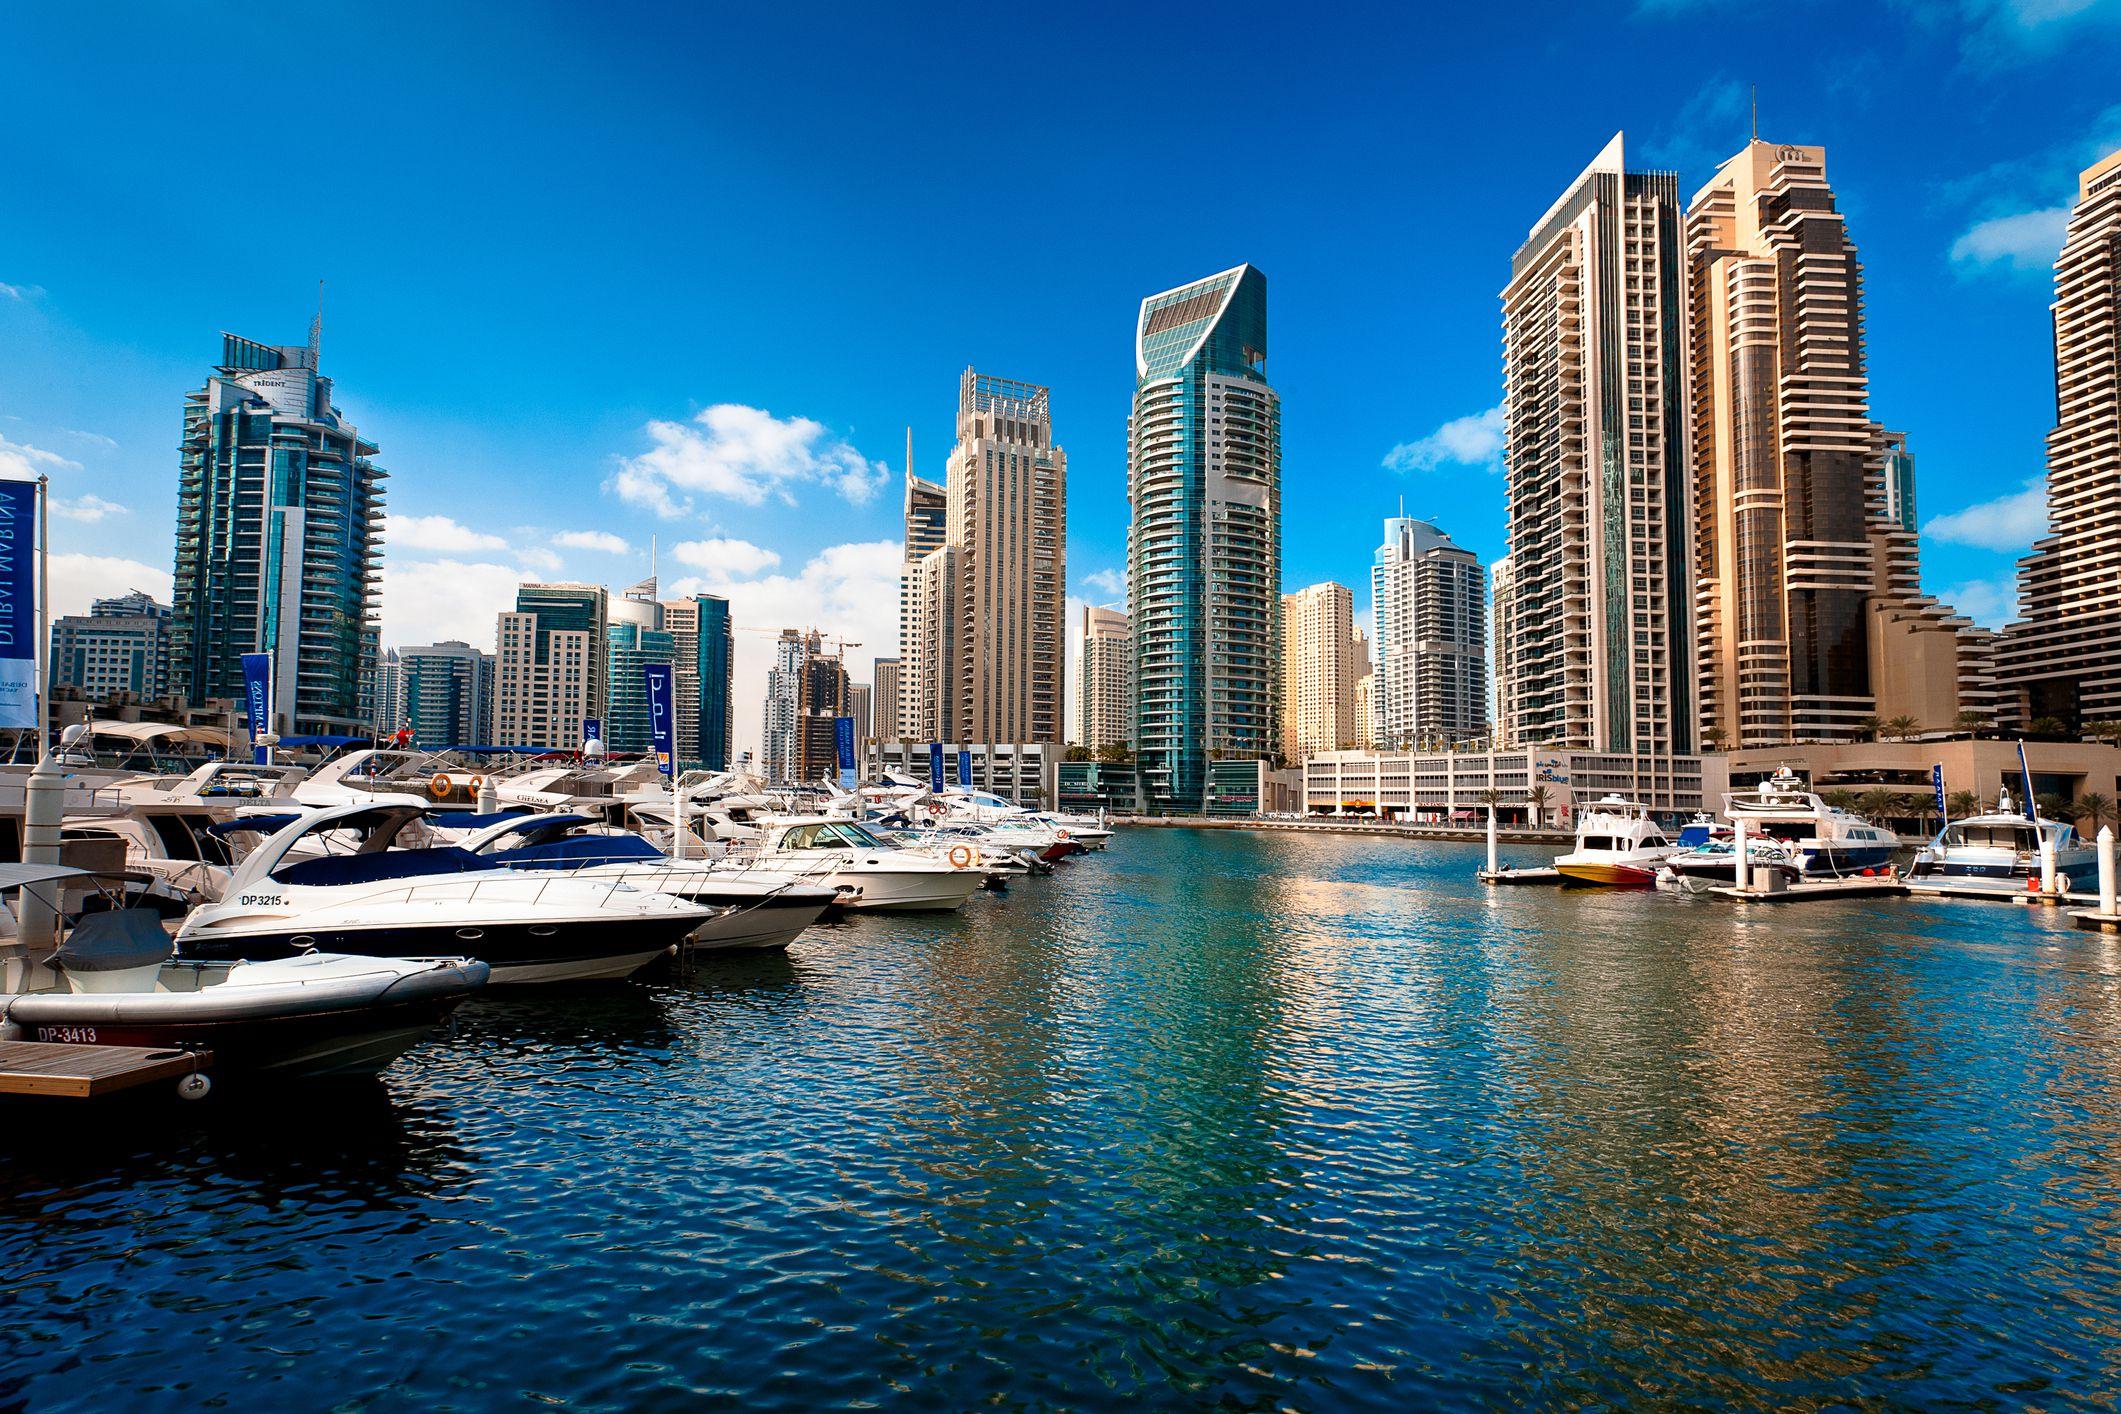 دليلك لشهر عسل في الإمارات مرسى دبي